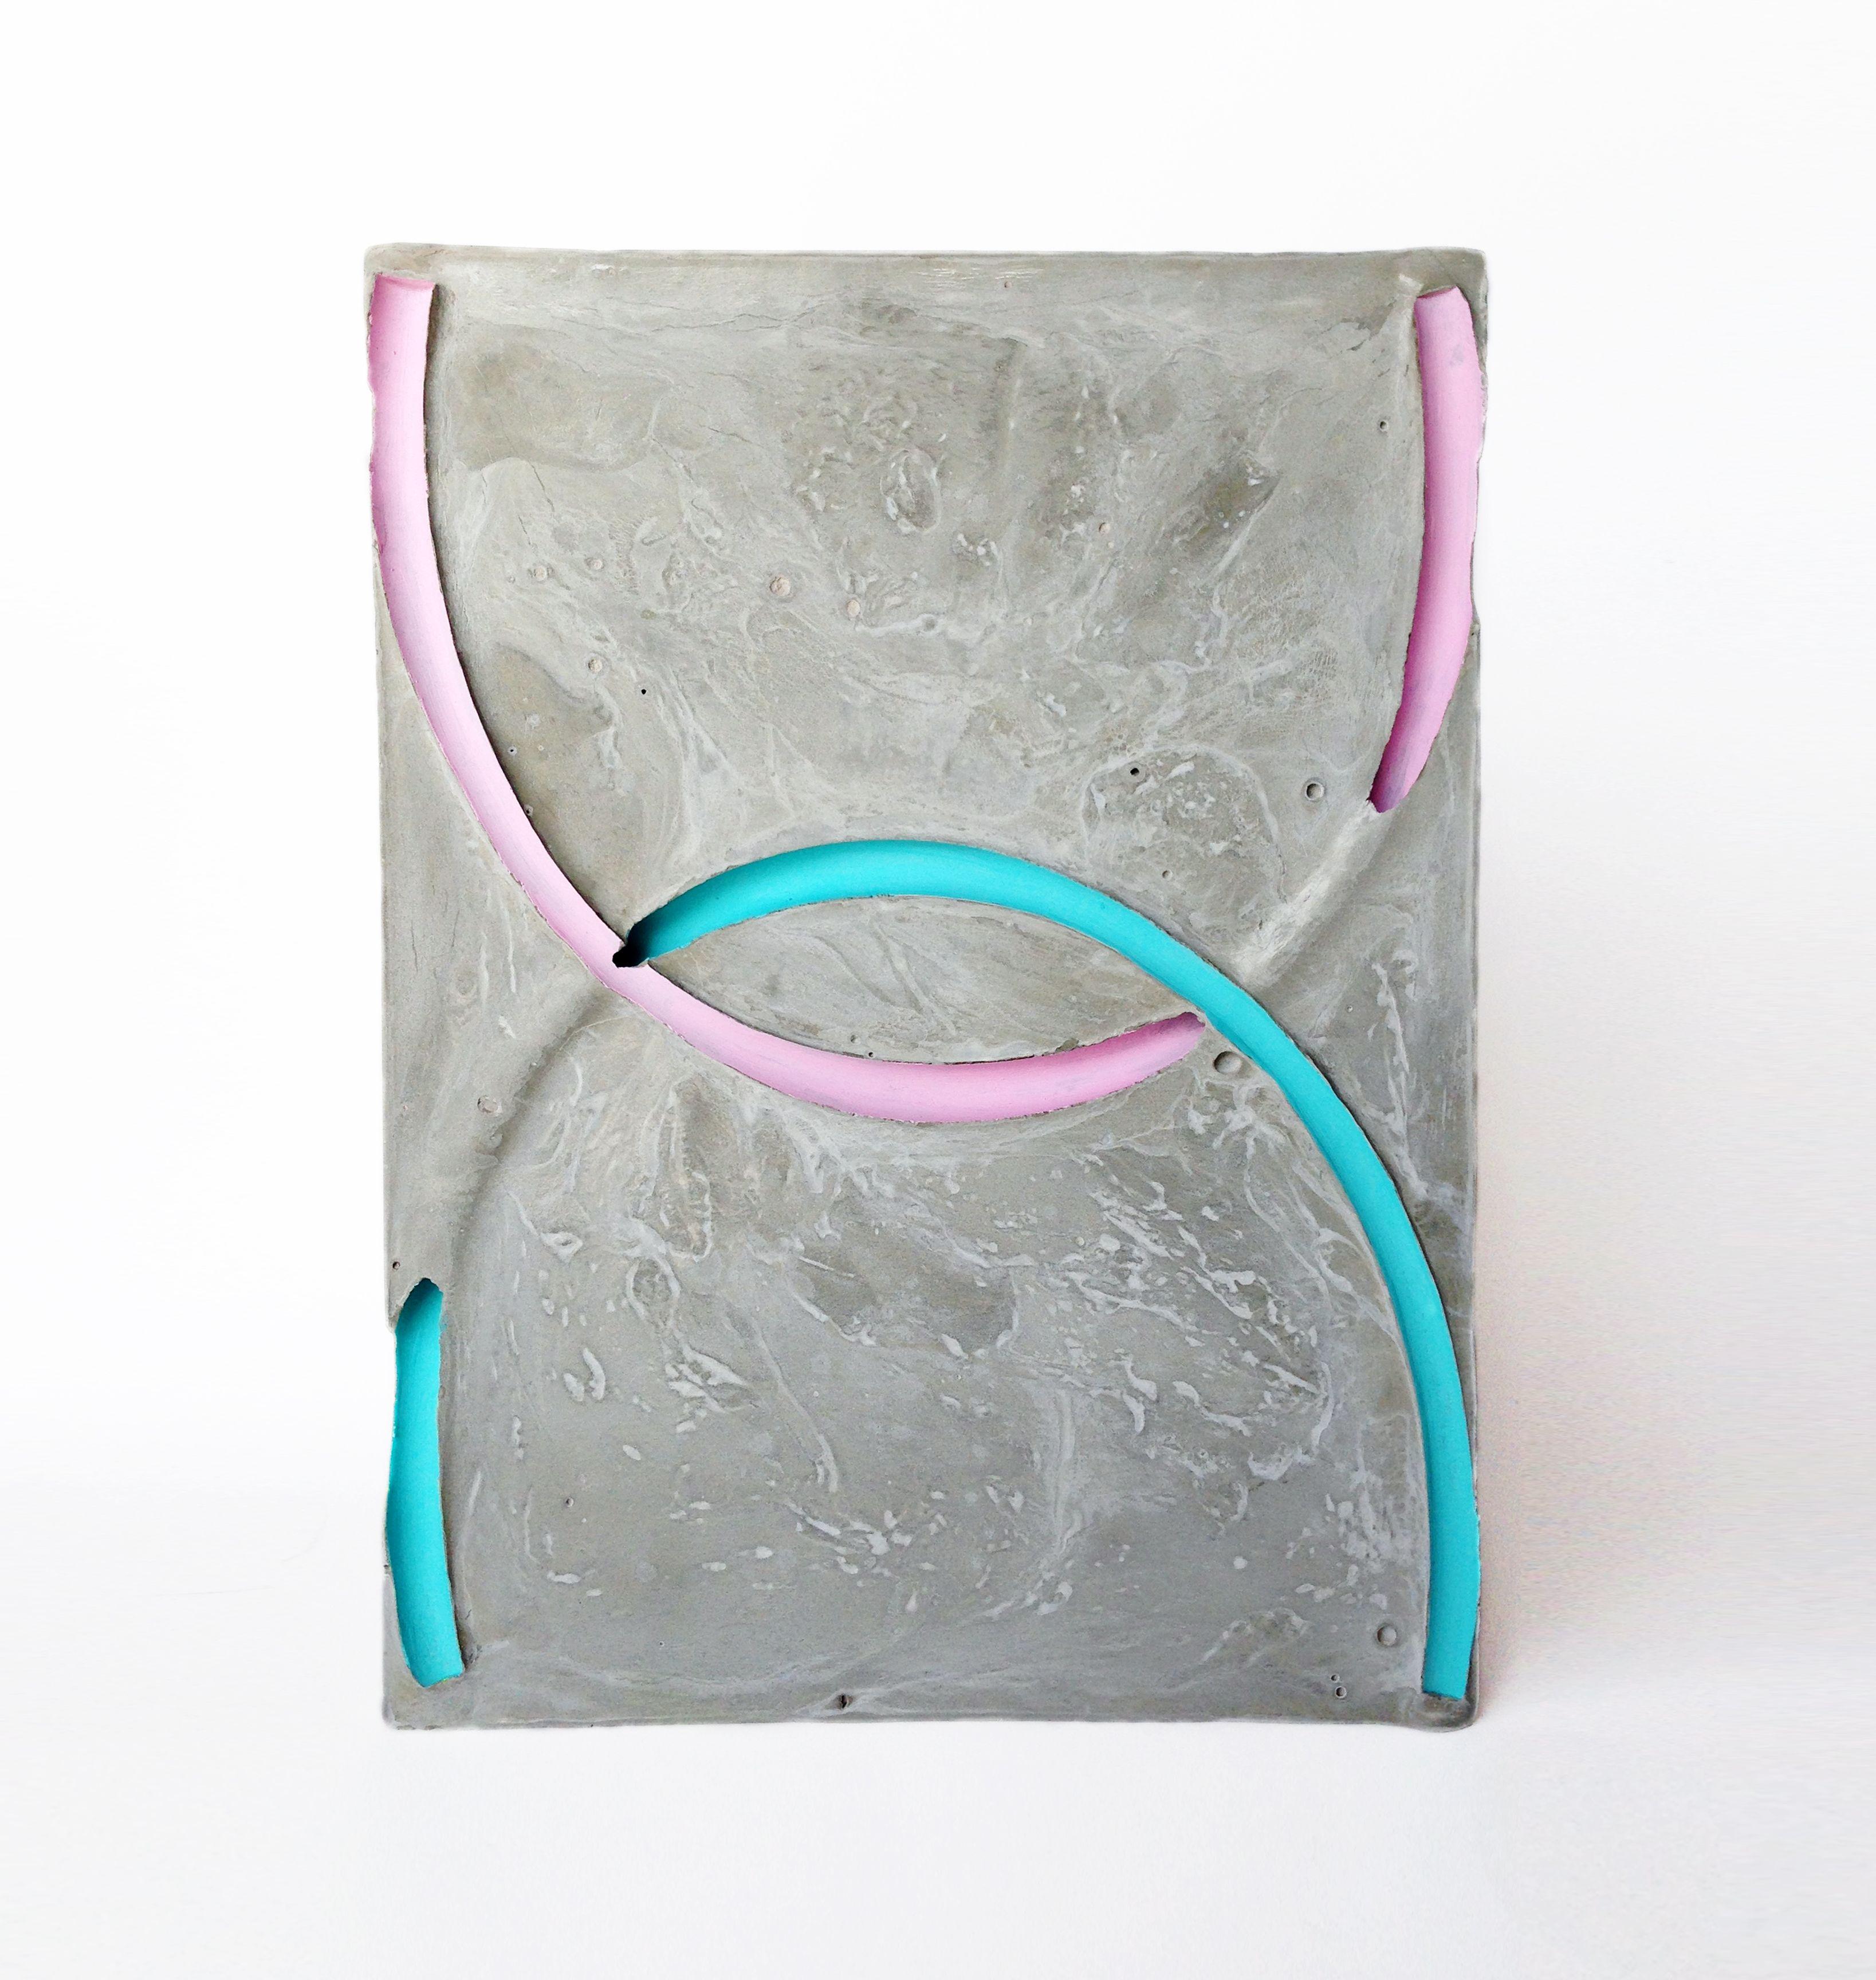 Minha primeira obra de arte: A cor do vazio. Concreto e acrílico. Florianópolis 2013 Joelson Bugila